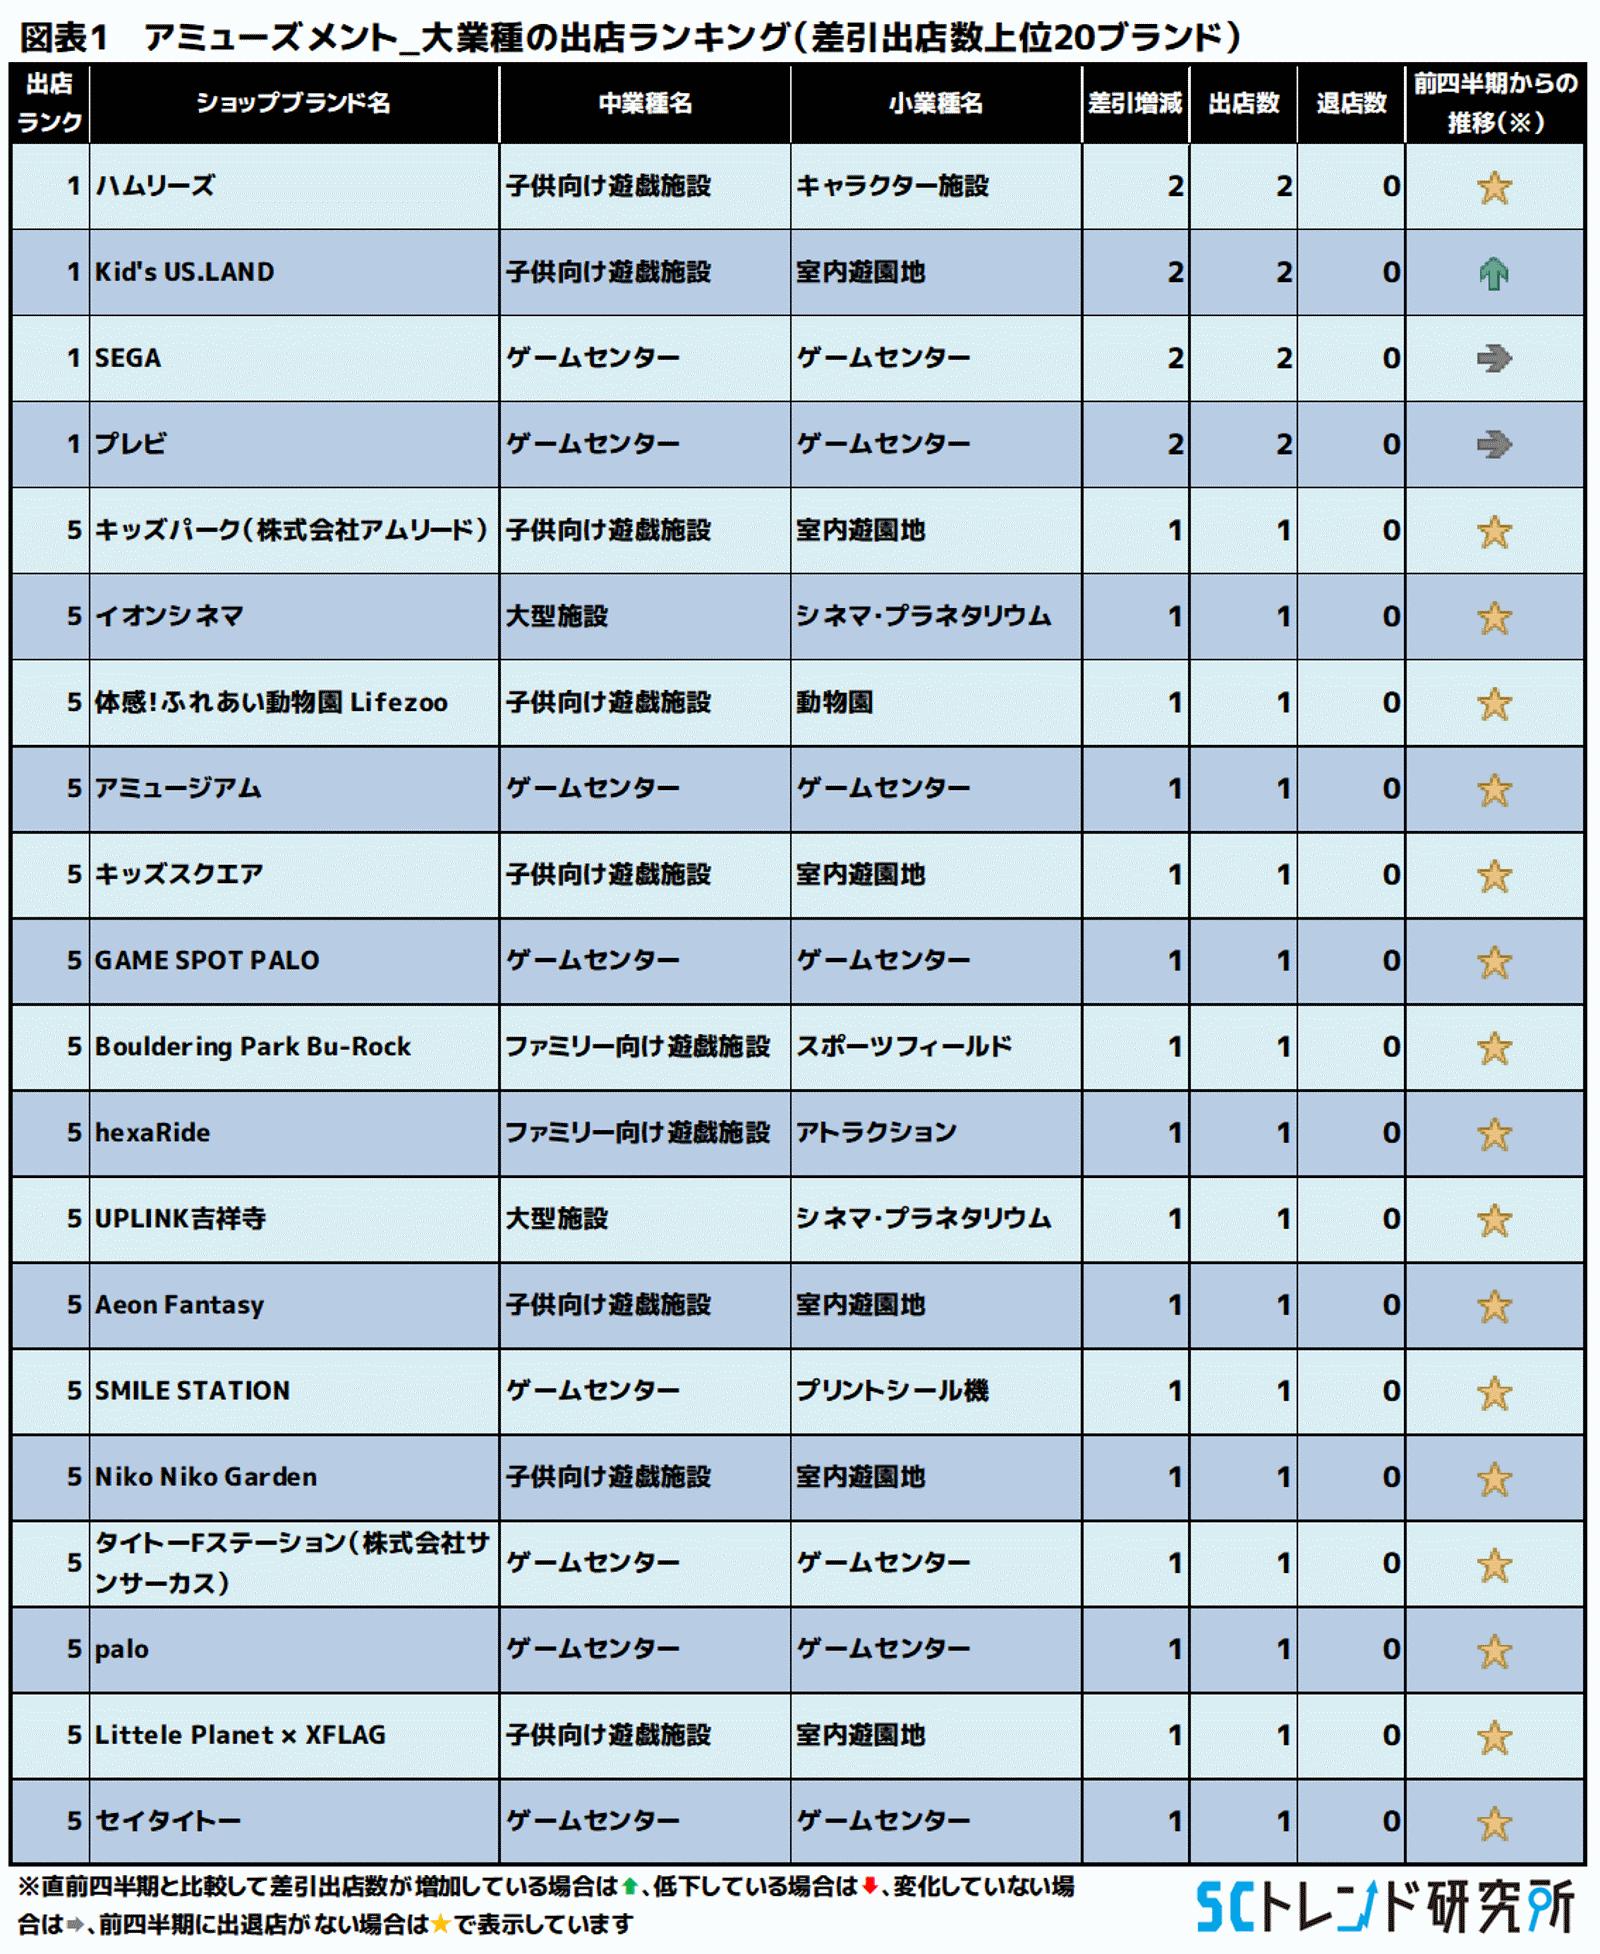 図表1 アミューズメント_大業種の出店ランキング(差引出店数上位20ブランド)